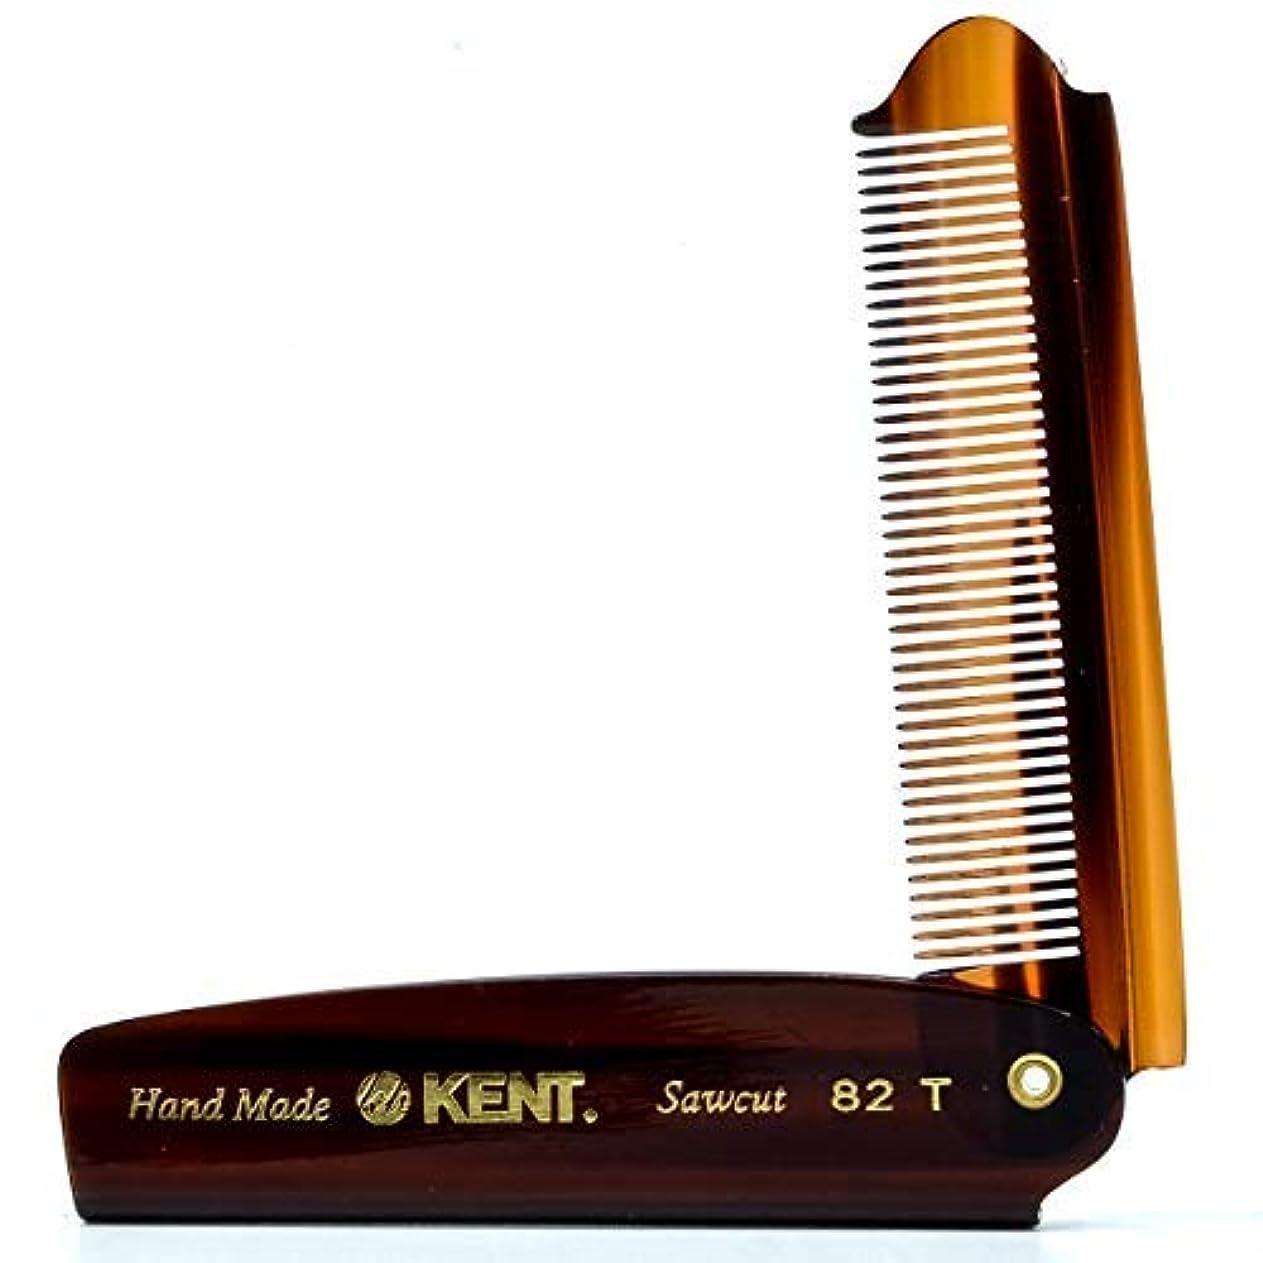 明確なショッピングセンターフェンスKent the Hand Made Fine Cut 4 Inches Folding Pocket Comb 82T for Men [並行輸入品]